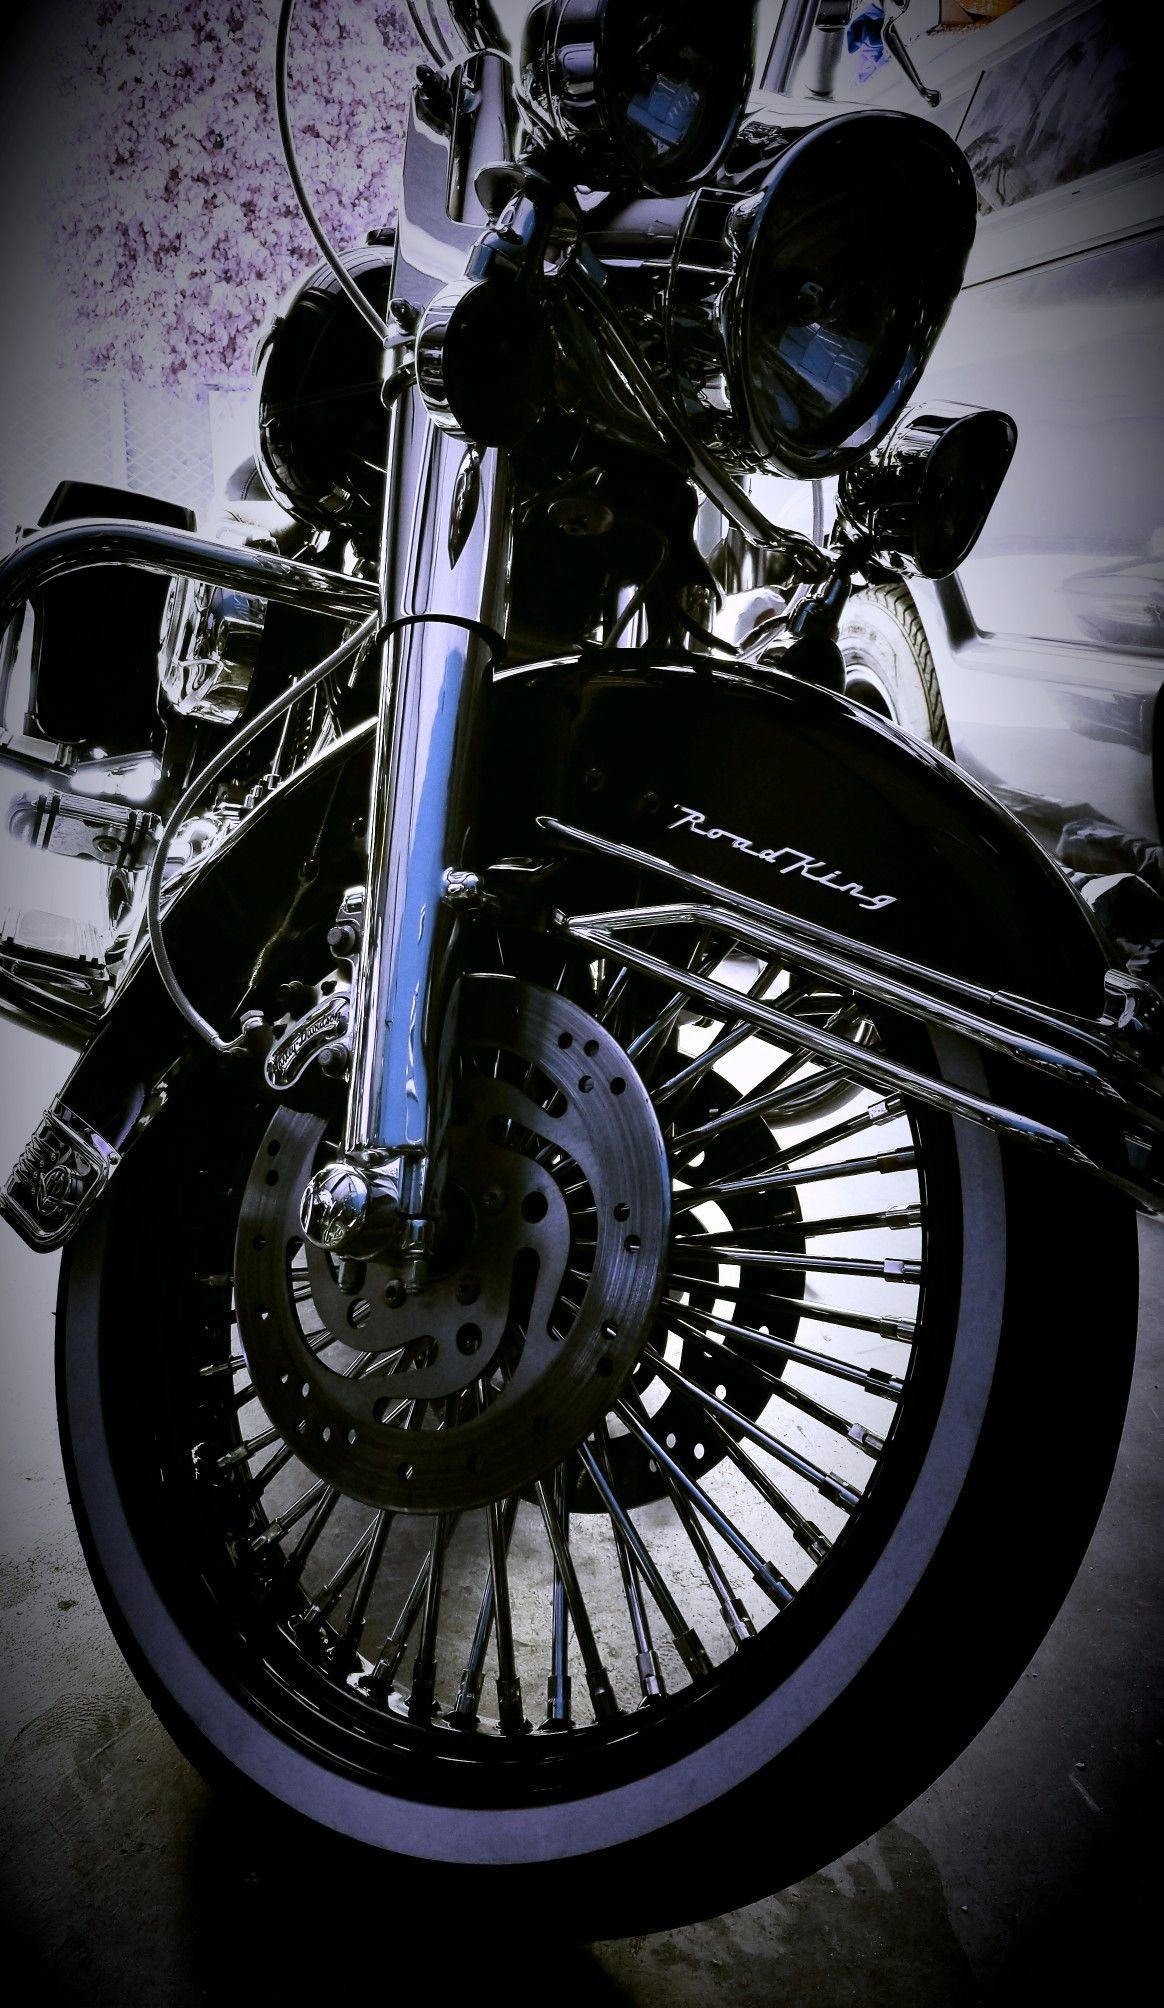 Harley davidson fashion style